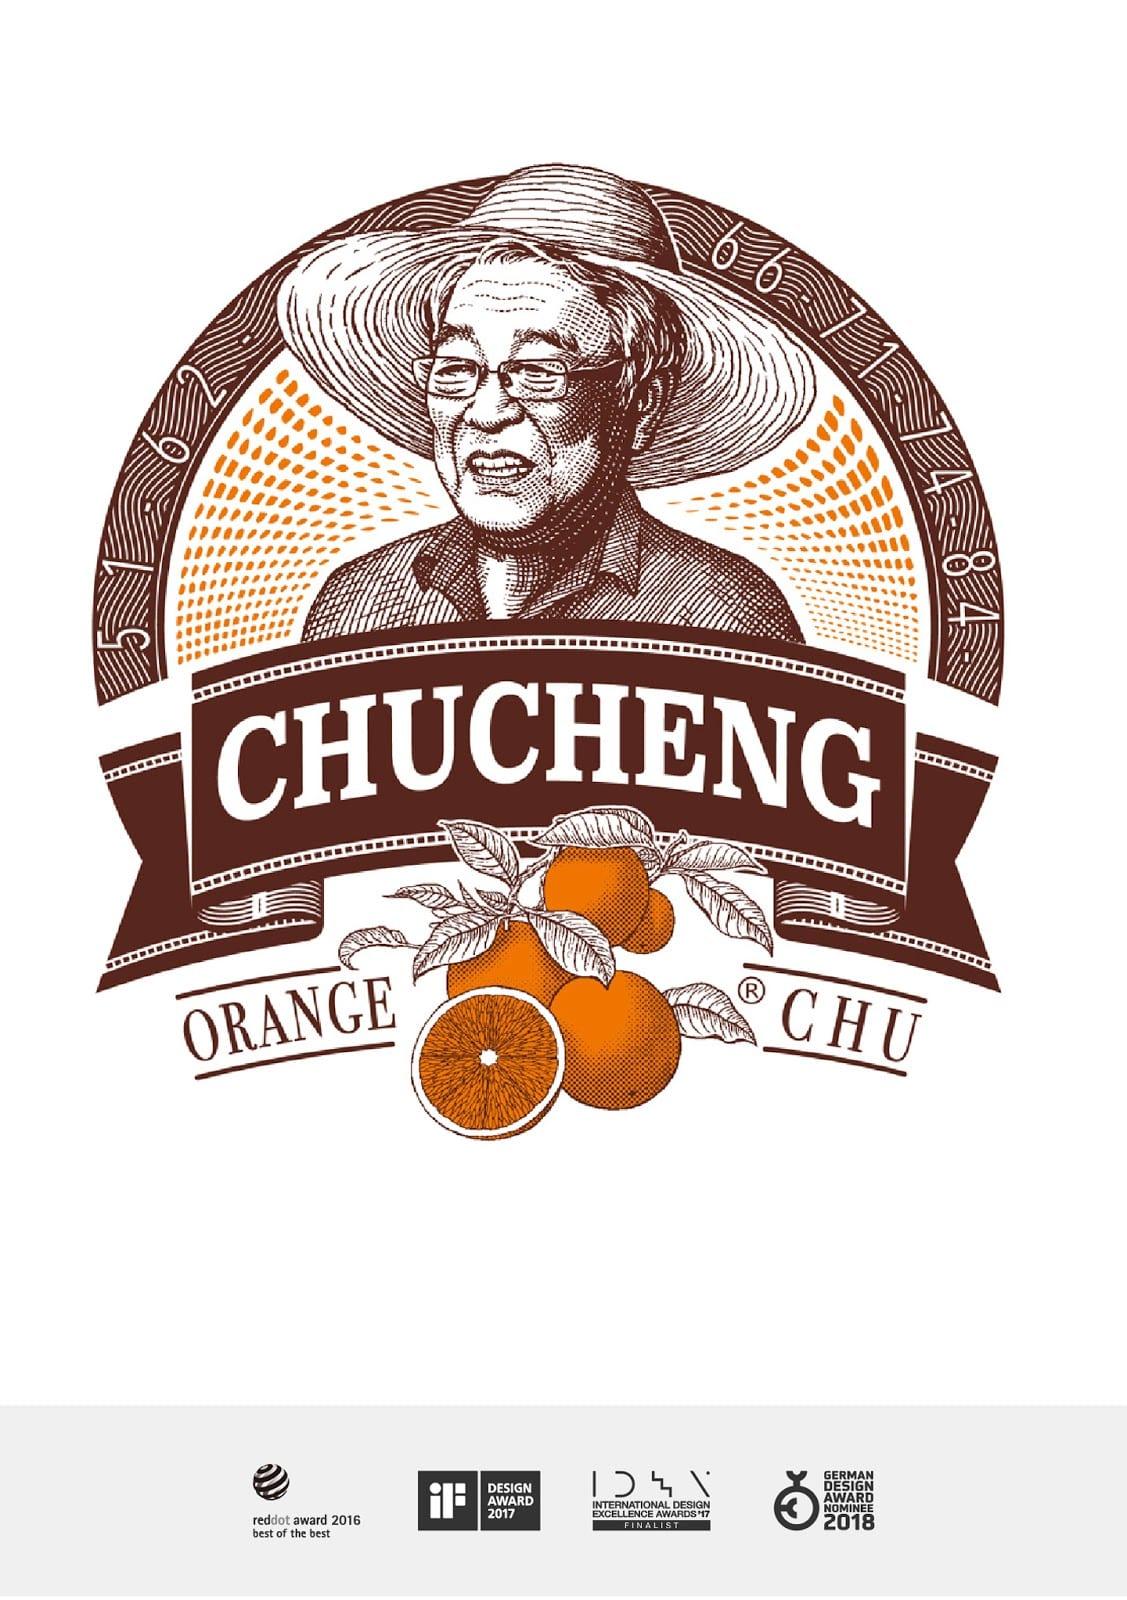 Chus Orange 01 - Pomaranče, ktoré si kúpite už len kvôli ich kreatívnemu baleniu